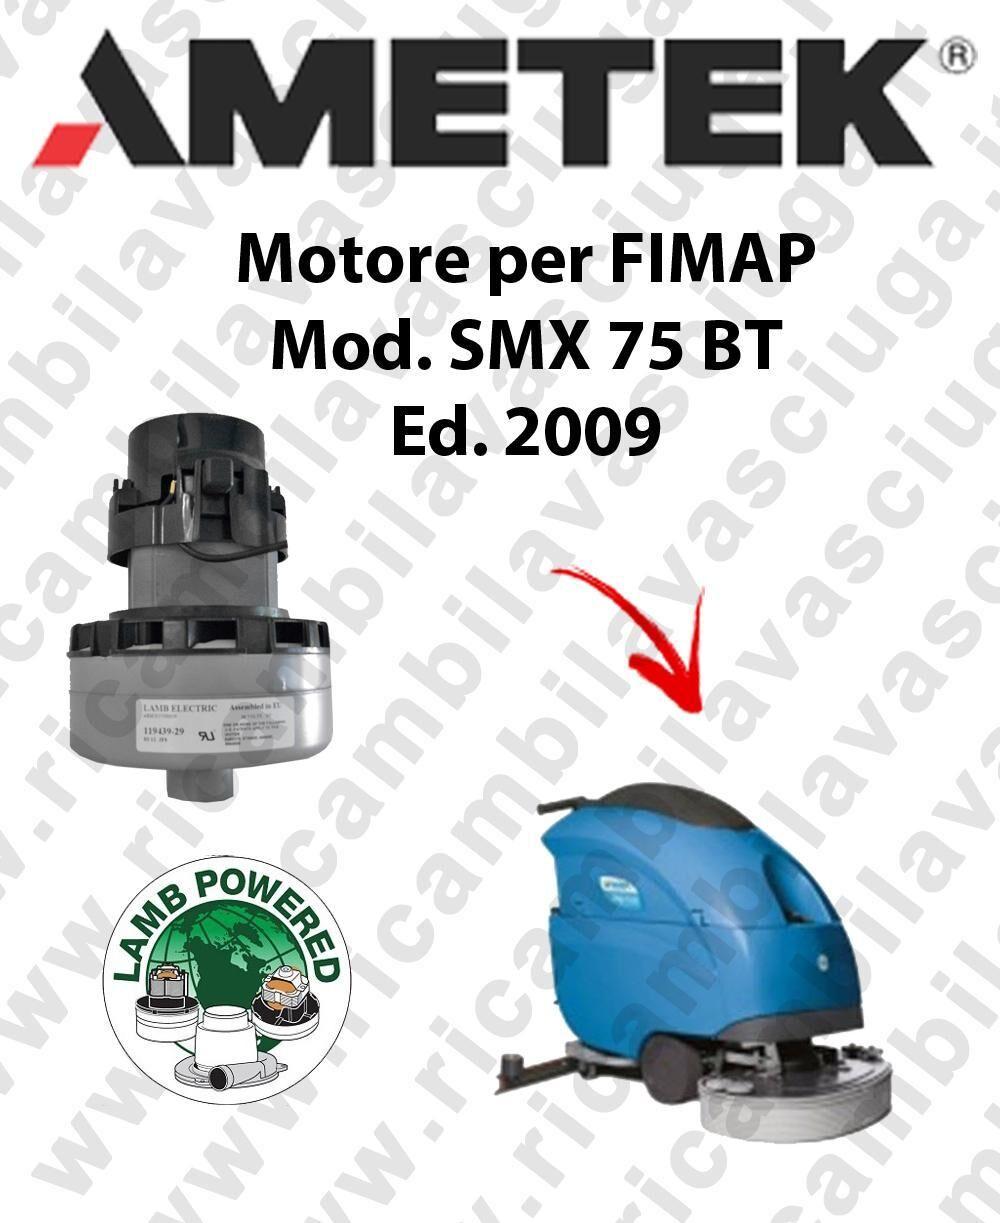 Fimap Motore LAMB AMETEK di aspirazione per lavapavimenti SMX 75 BT 2009